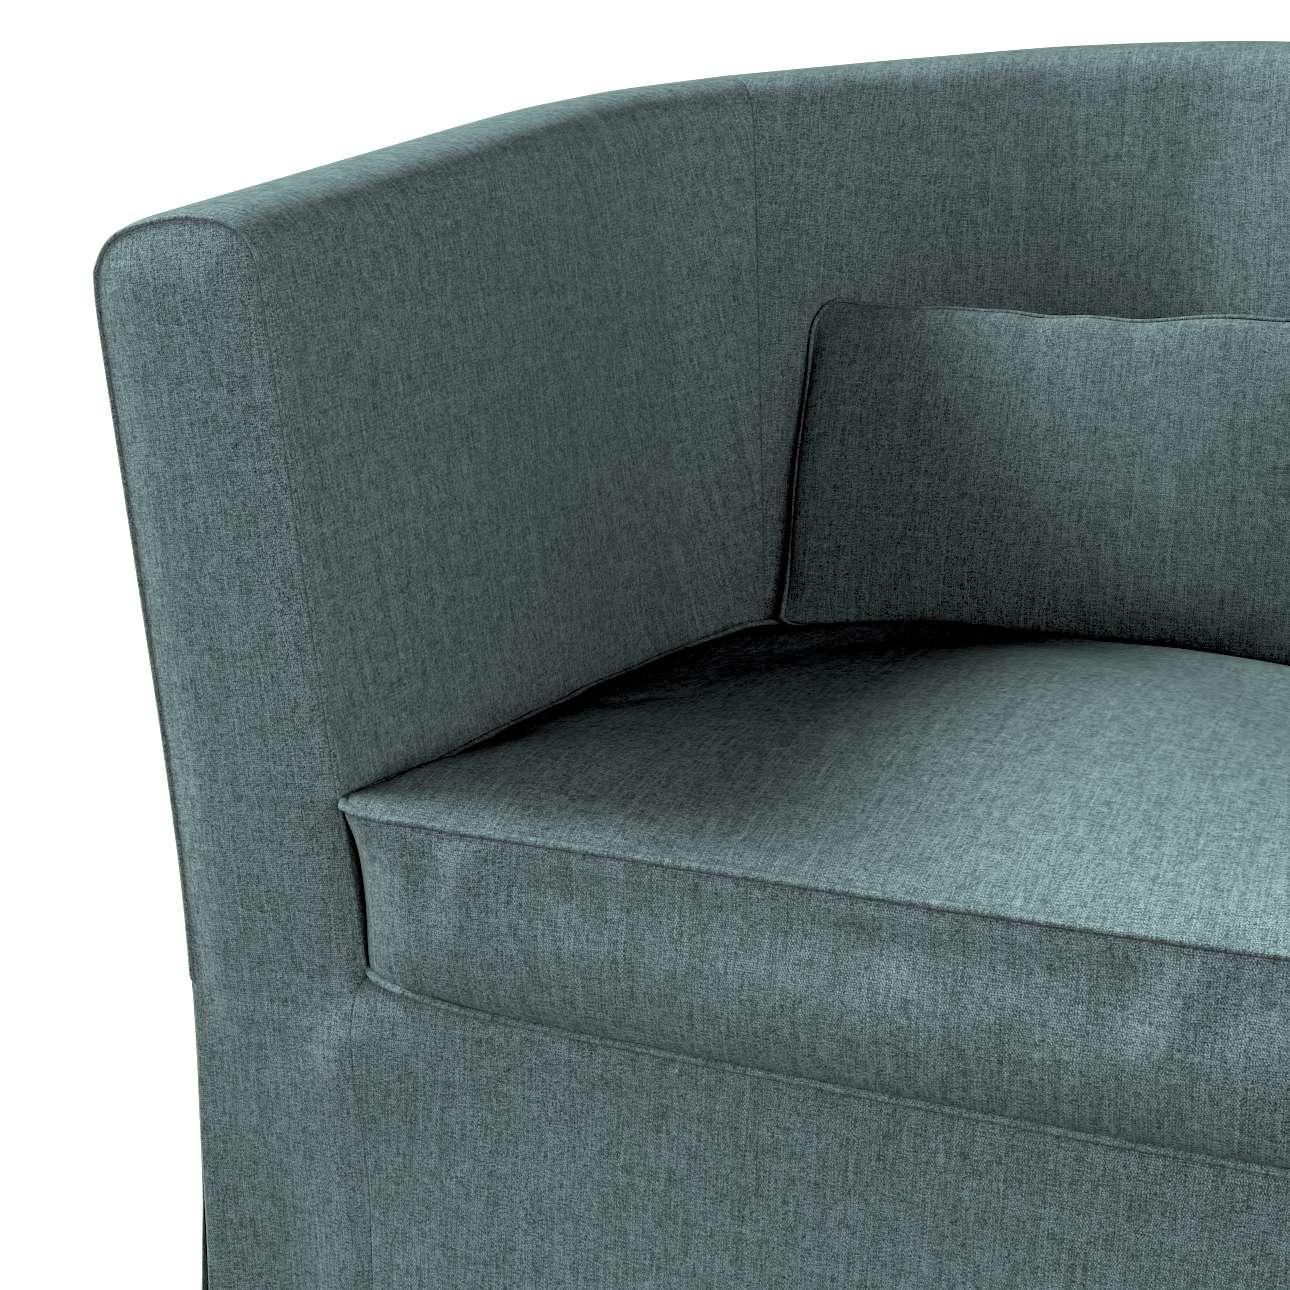 Pokrowiec na fotel Ektorp Tullsta w kolekcji City, tkanina: 704-85